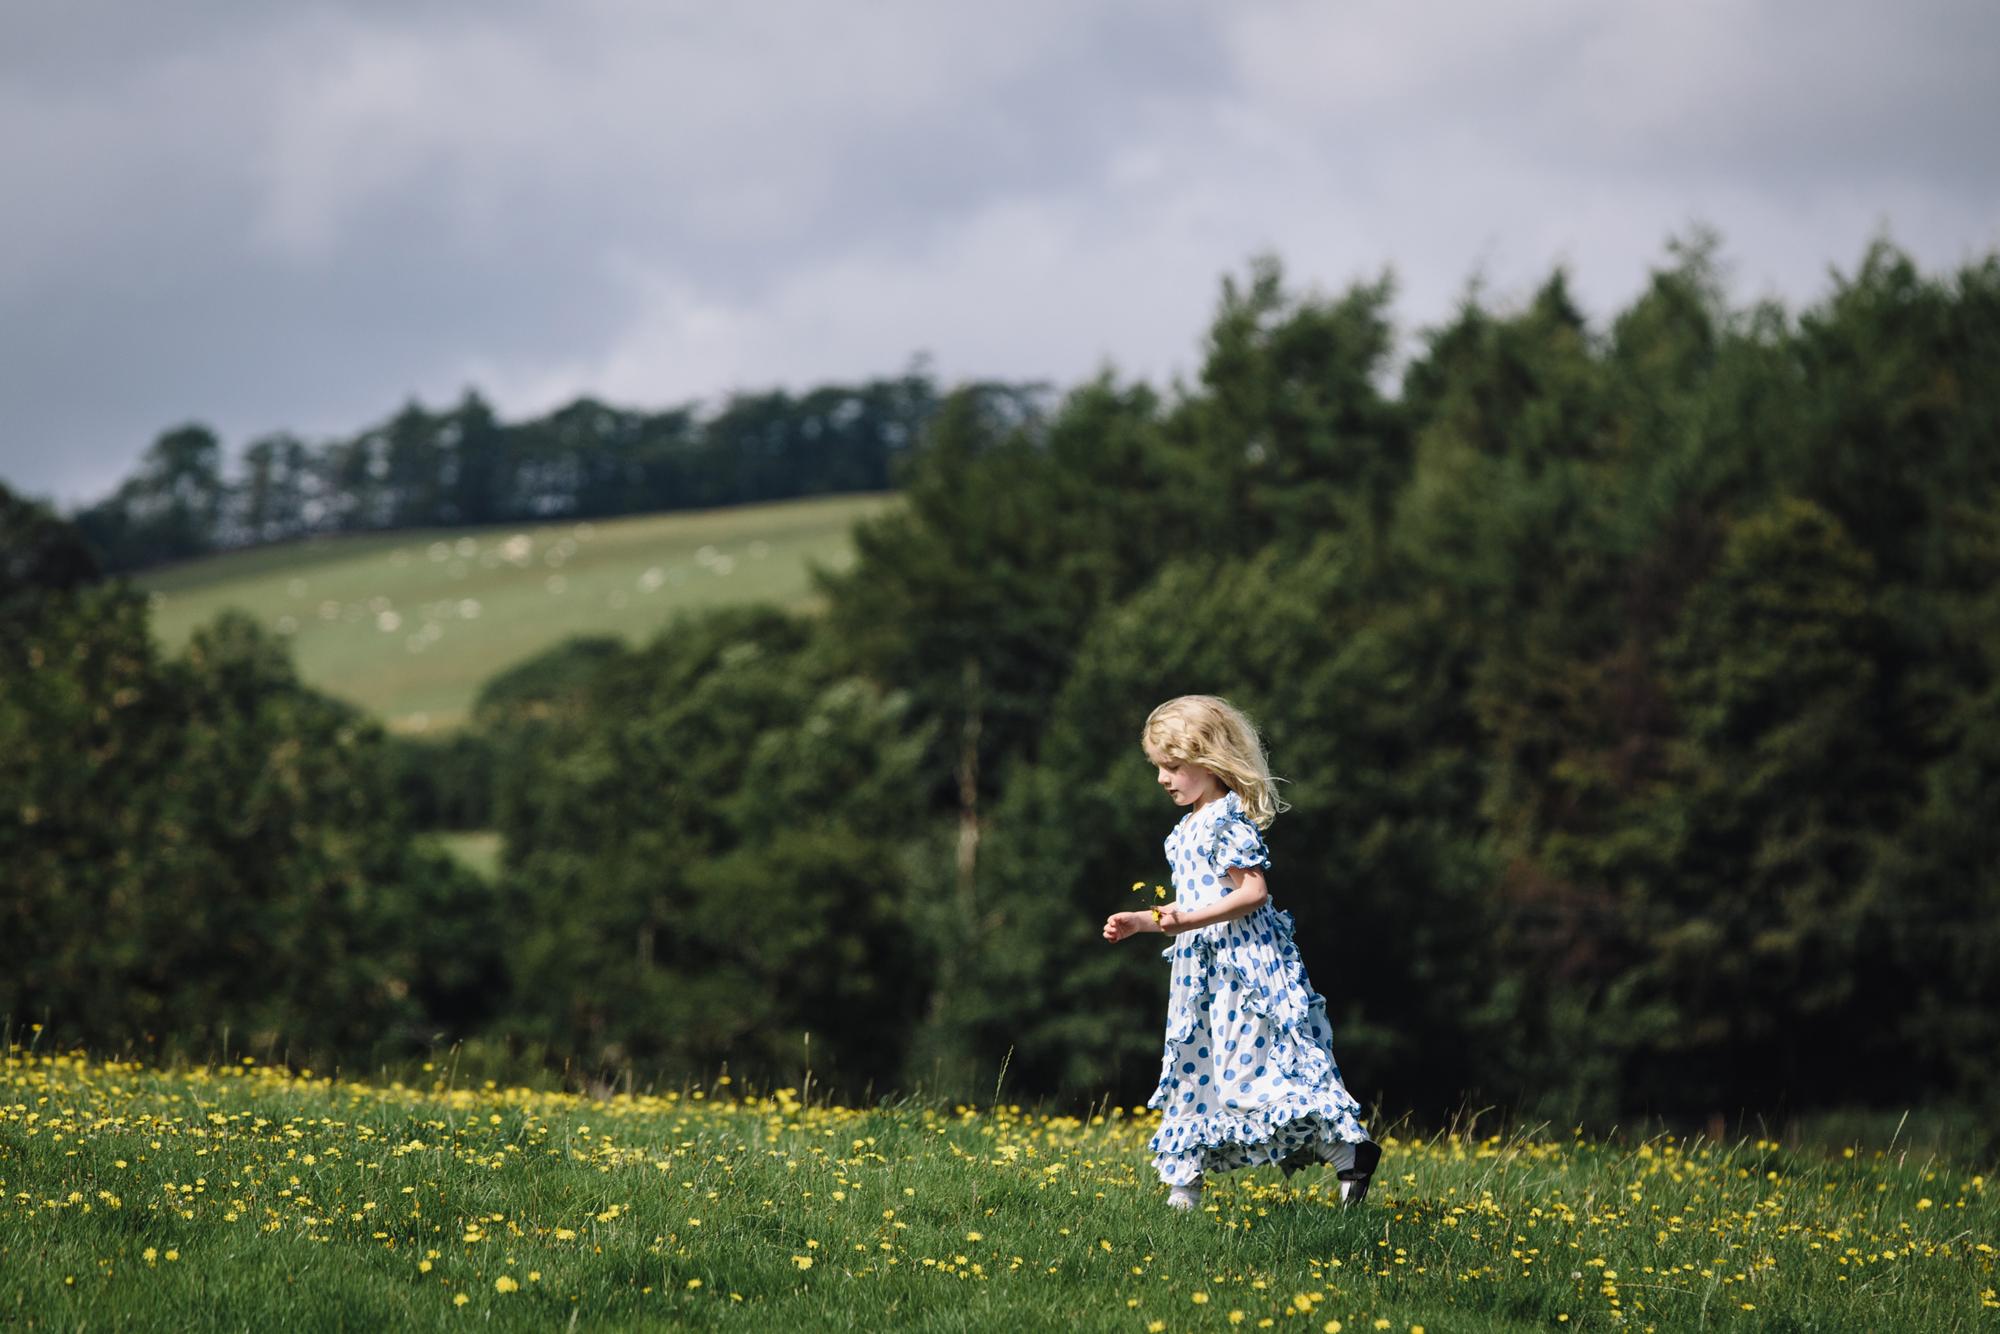 Hermione McCosh Photography - Children's portrait photographer - creative, natural portraits